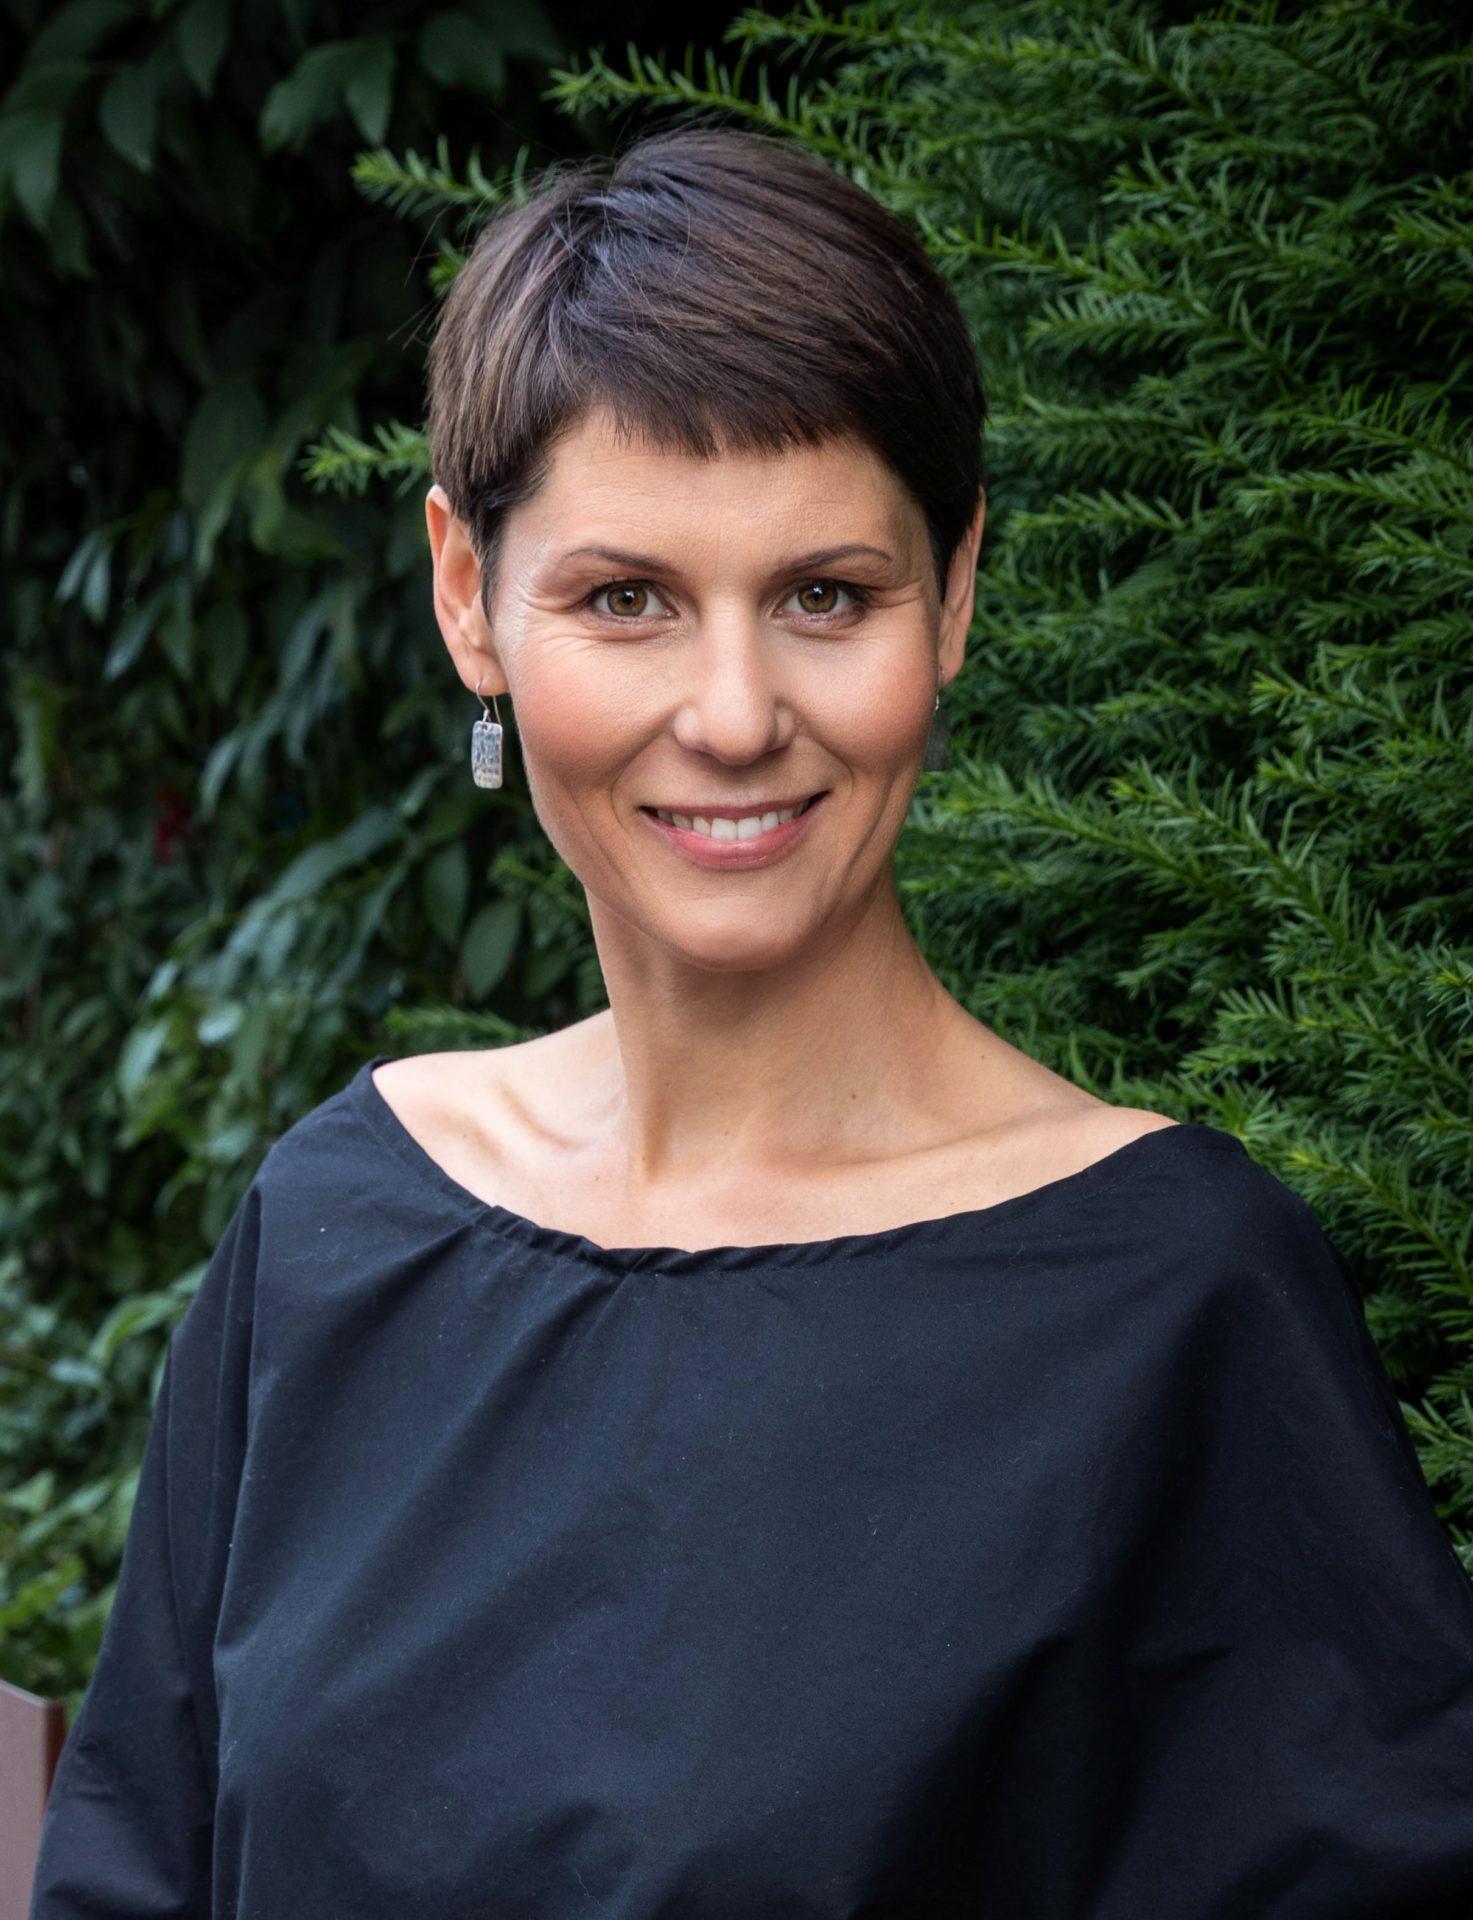 Tina Šetina